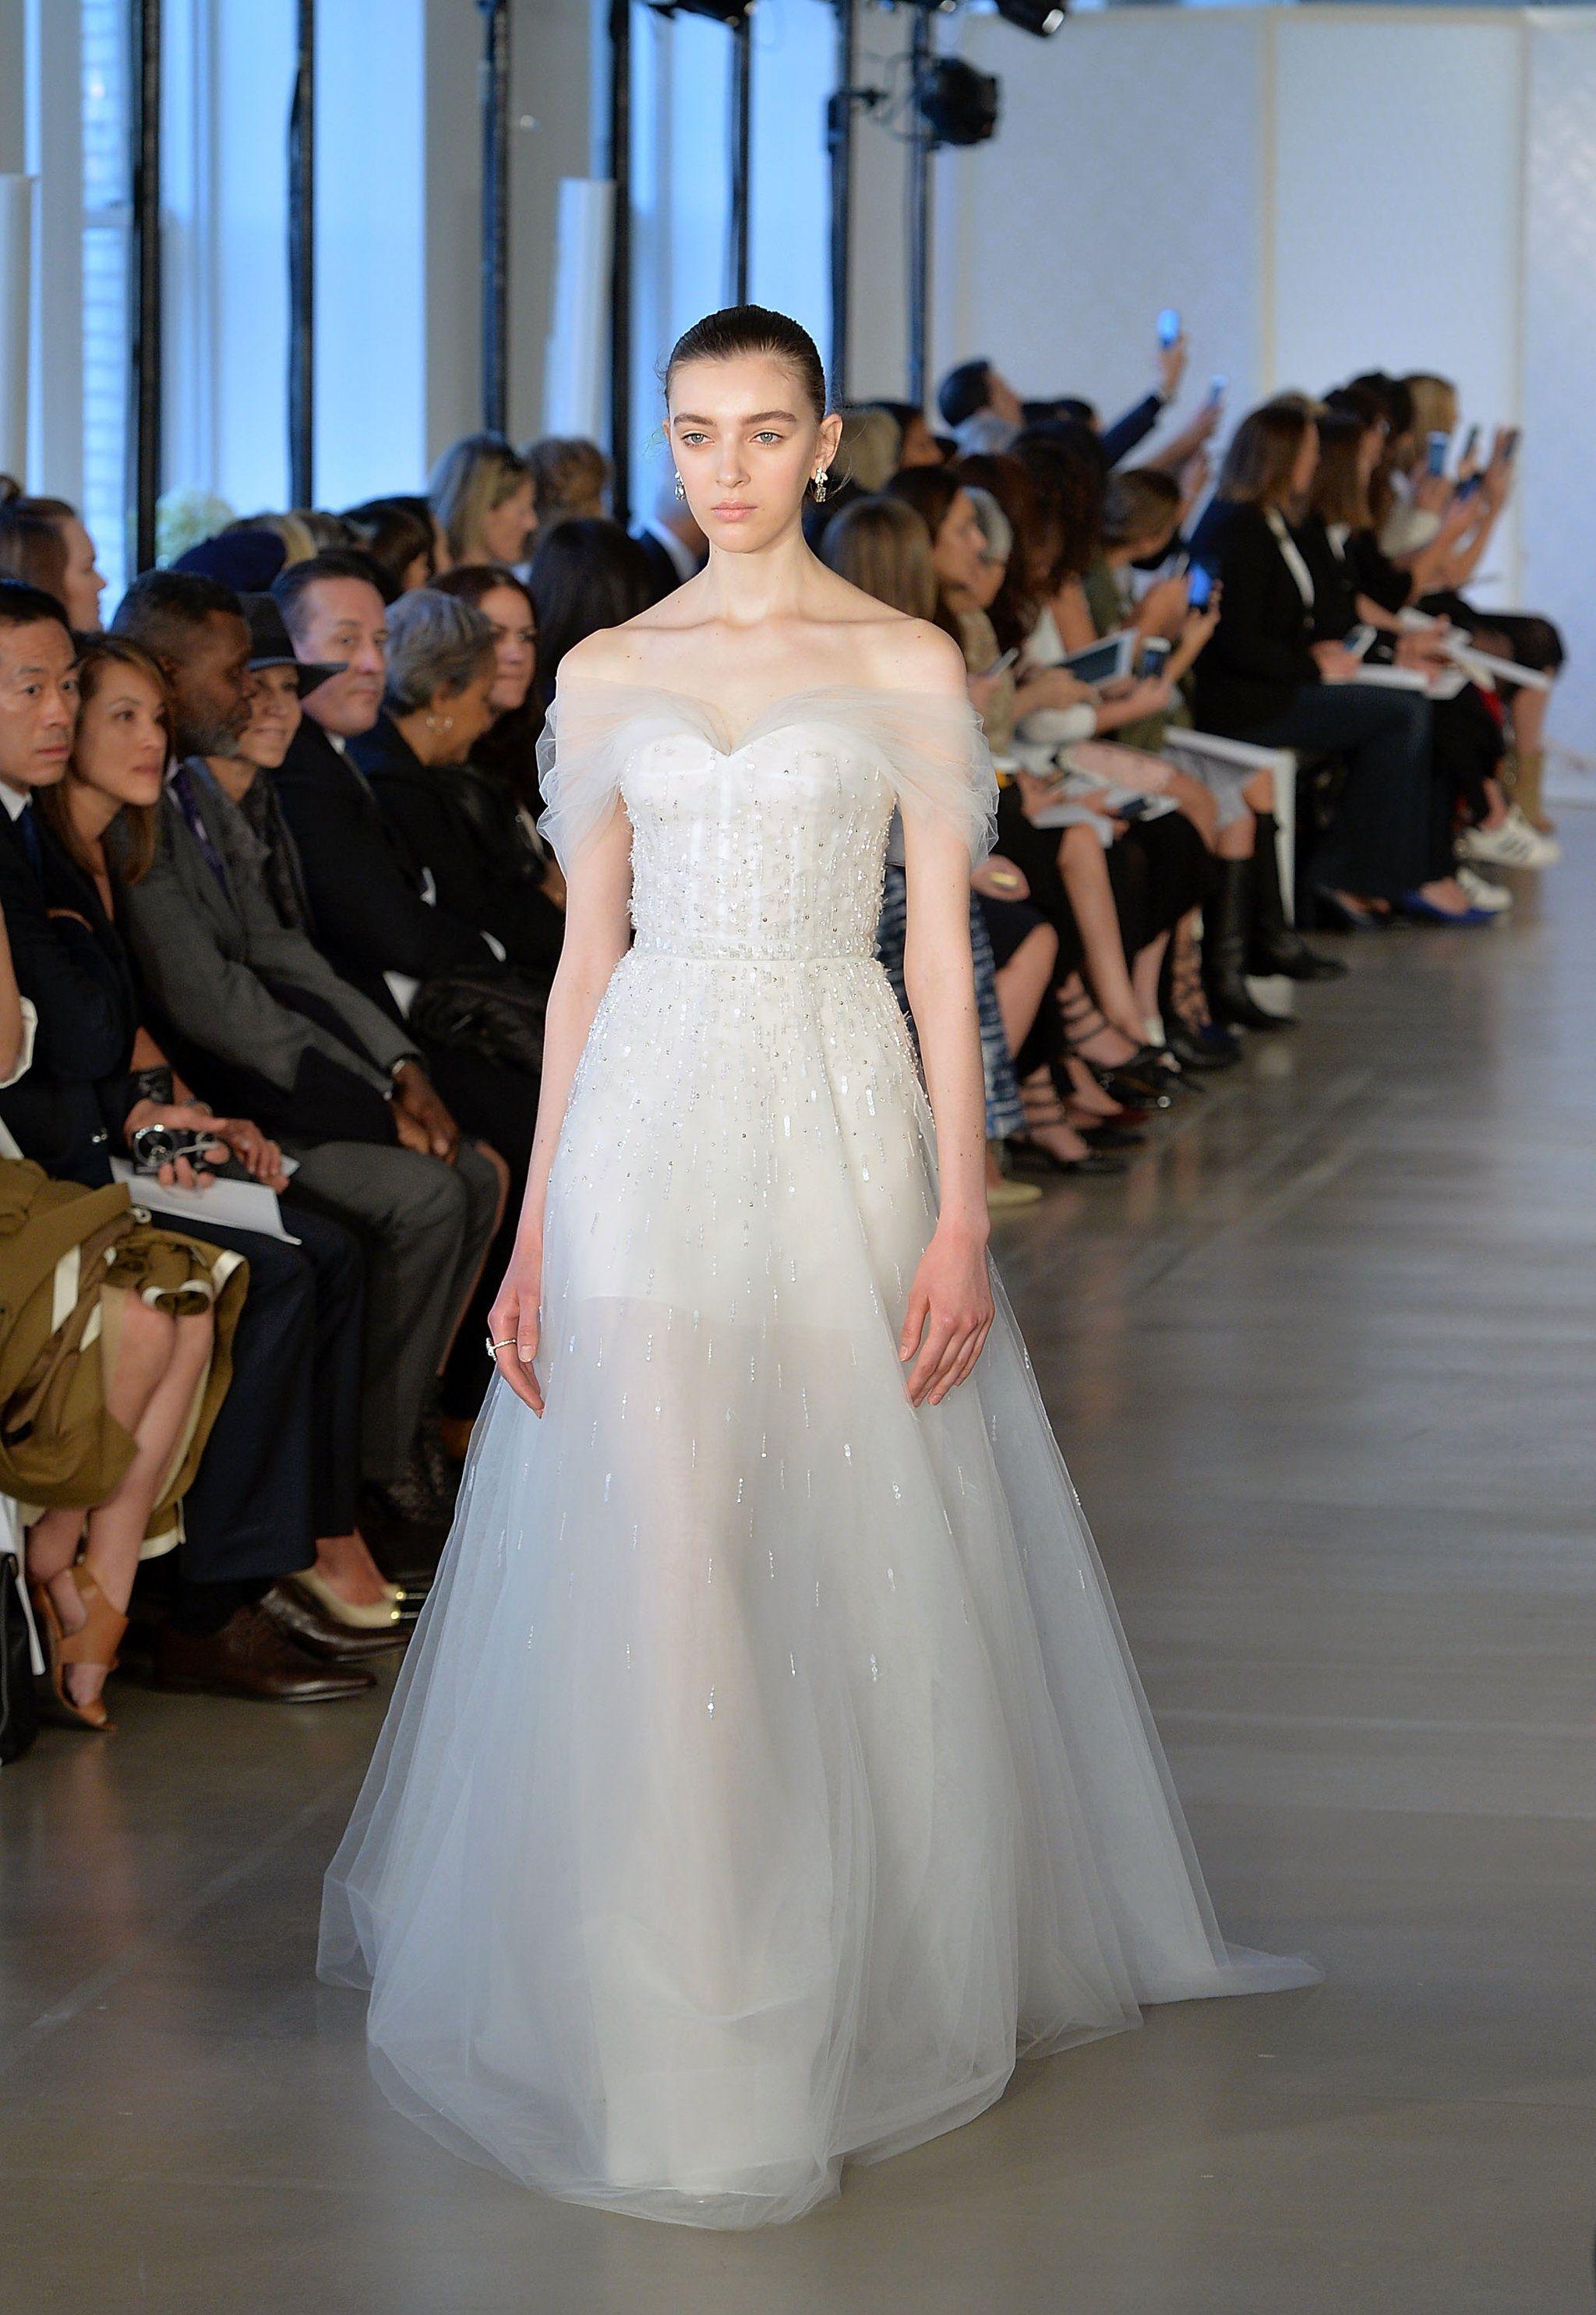 Big pretty wedding dresses  Off the Shoulder  Big wedding dresses Wedding dress and Wedding